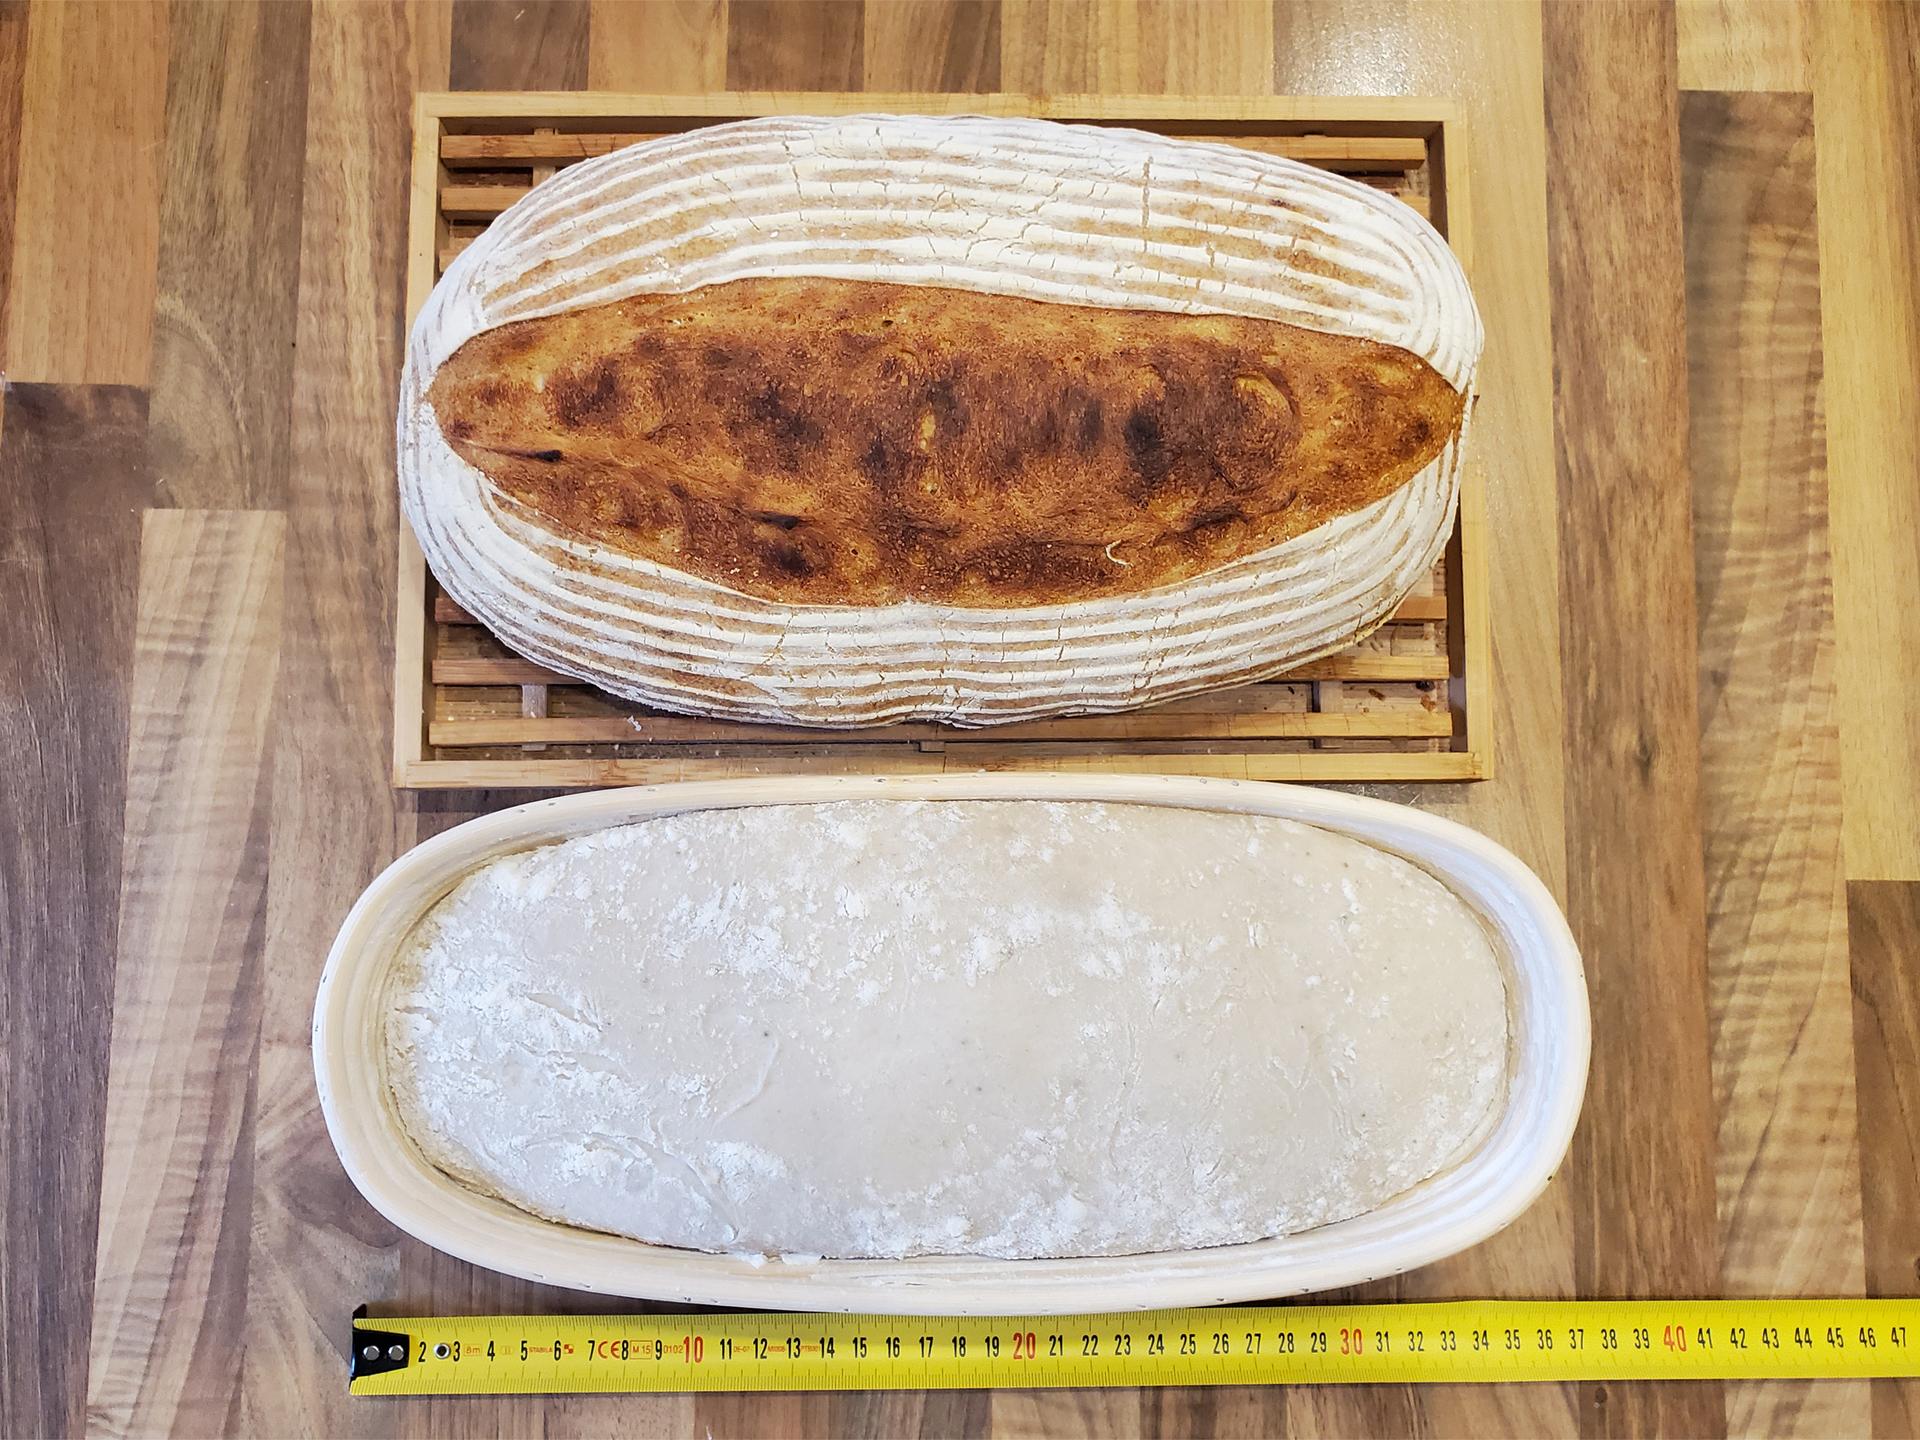 35 cm DŘEVĚNÁ OŠATKA na velký bochník chleba, SEDLÁK, s látkovým potahem